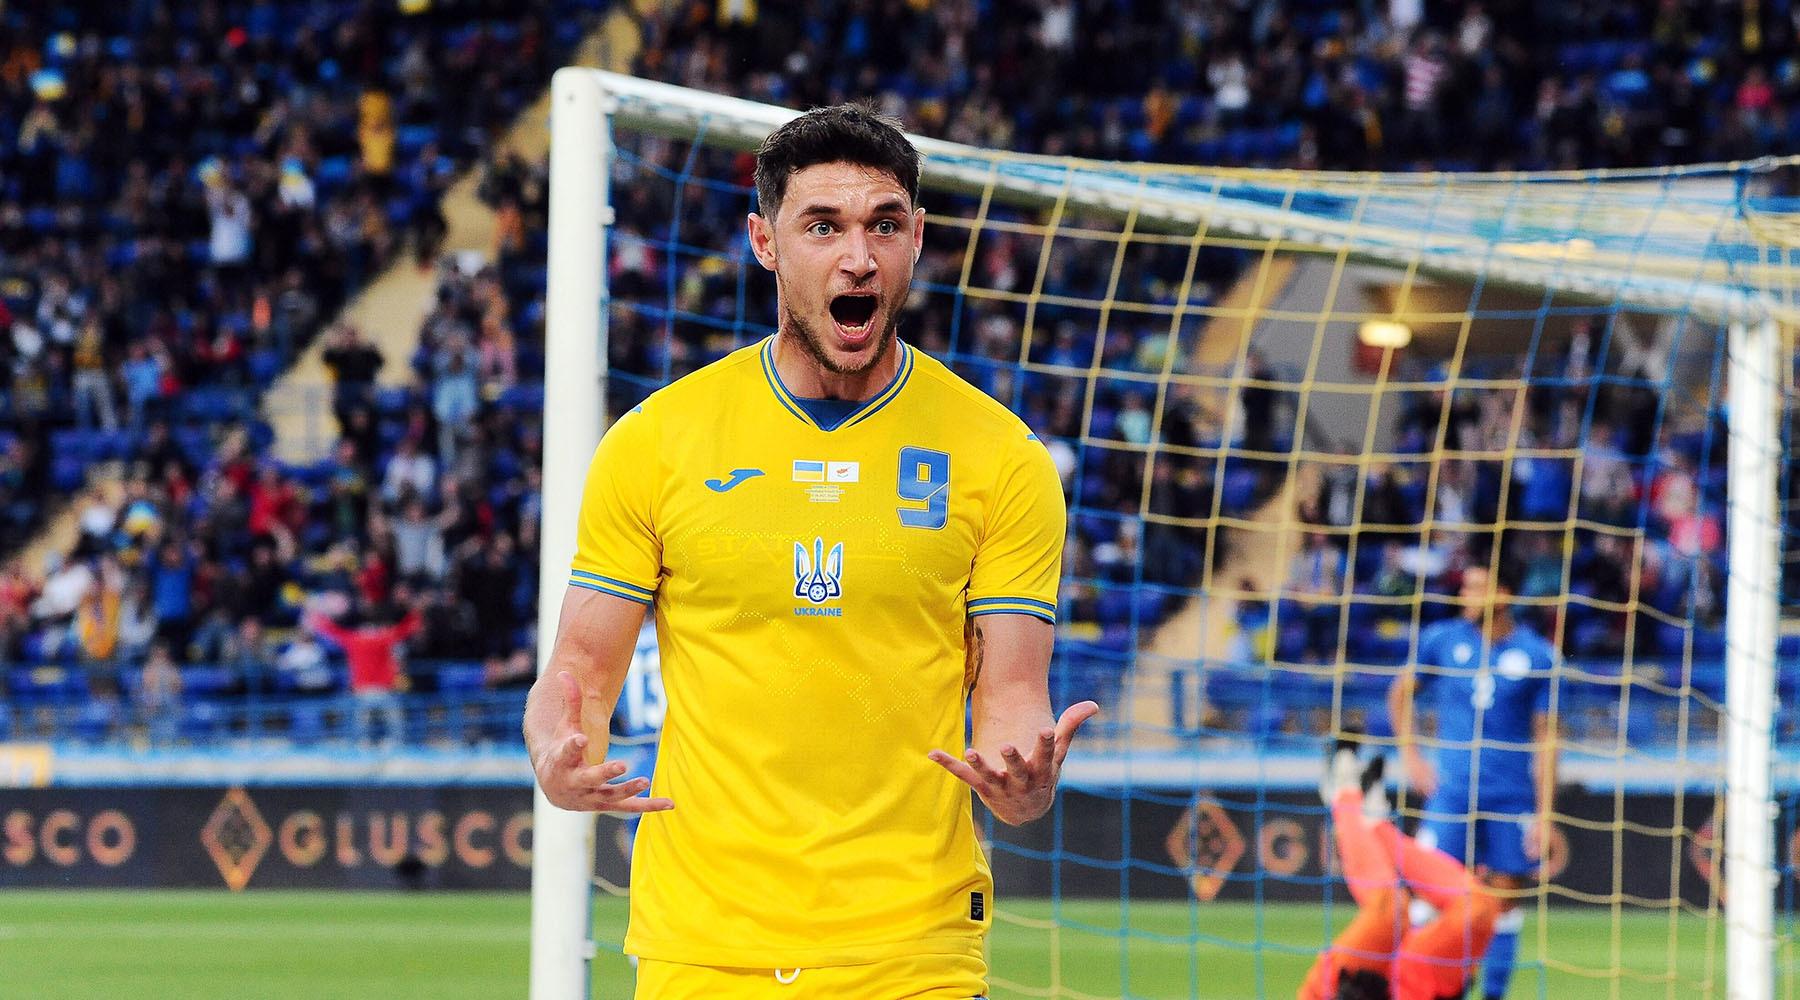 «Посмотрели, посмеялись»: как в Крыму прокомментировали новую форму украинской футбольной сборной2